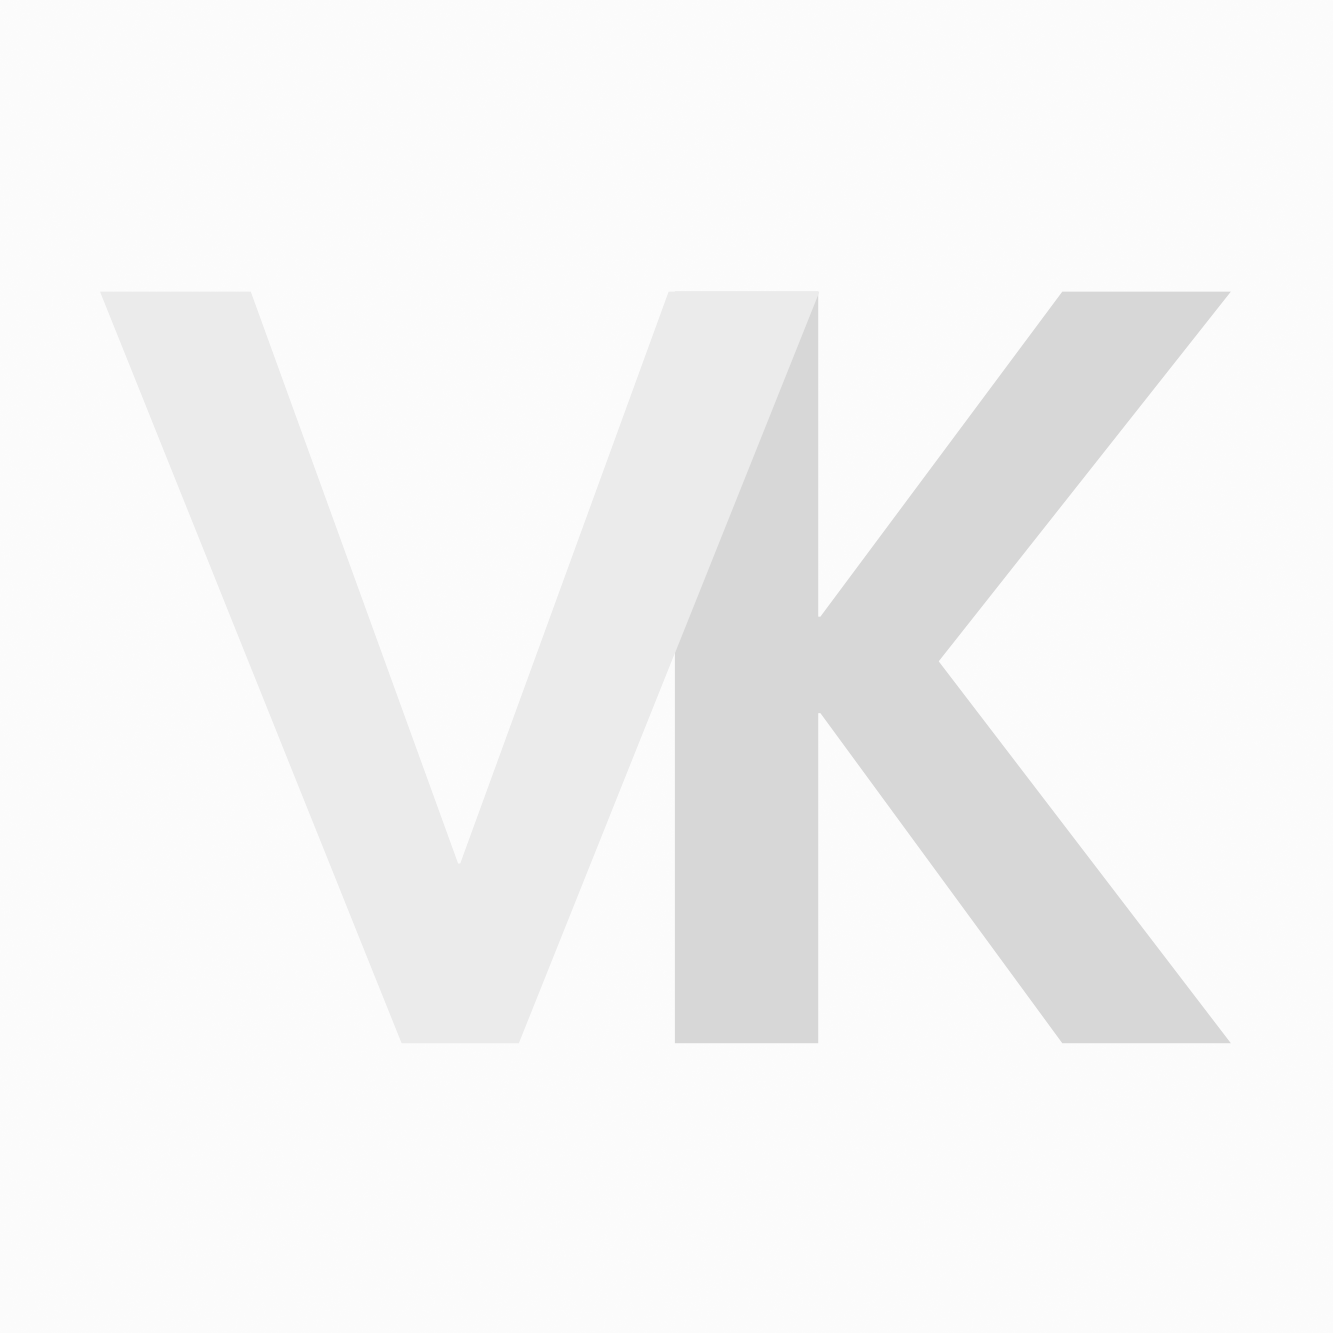 Kyone 660 Kappersschaar 5.5